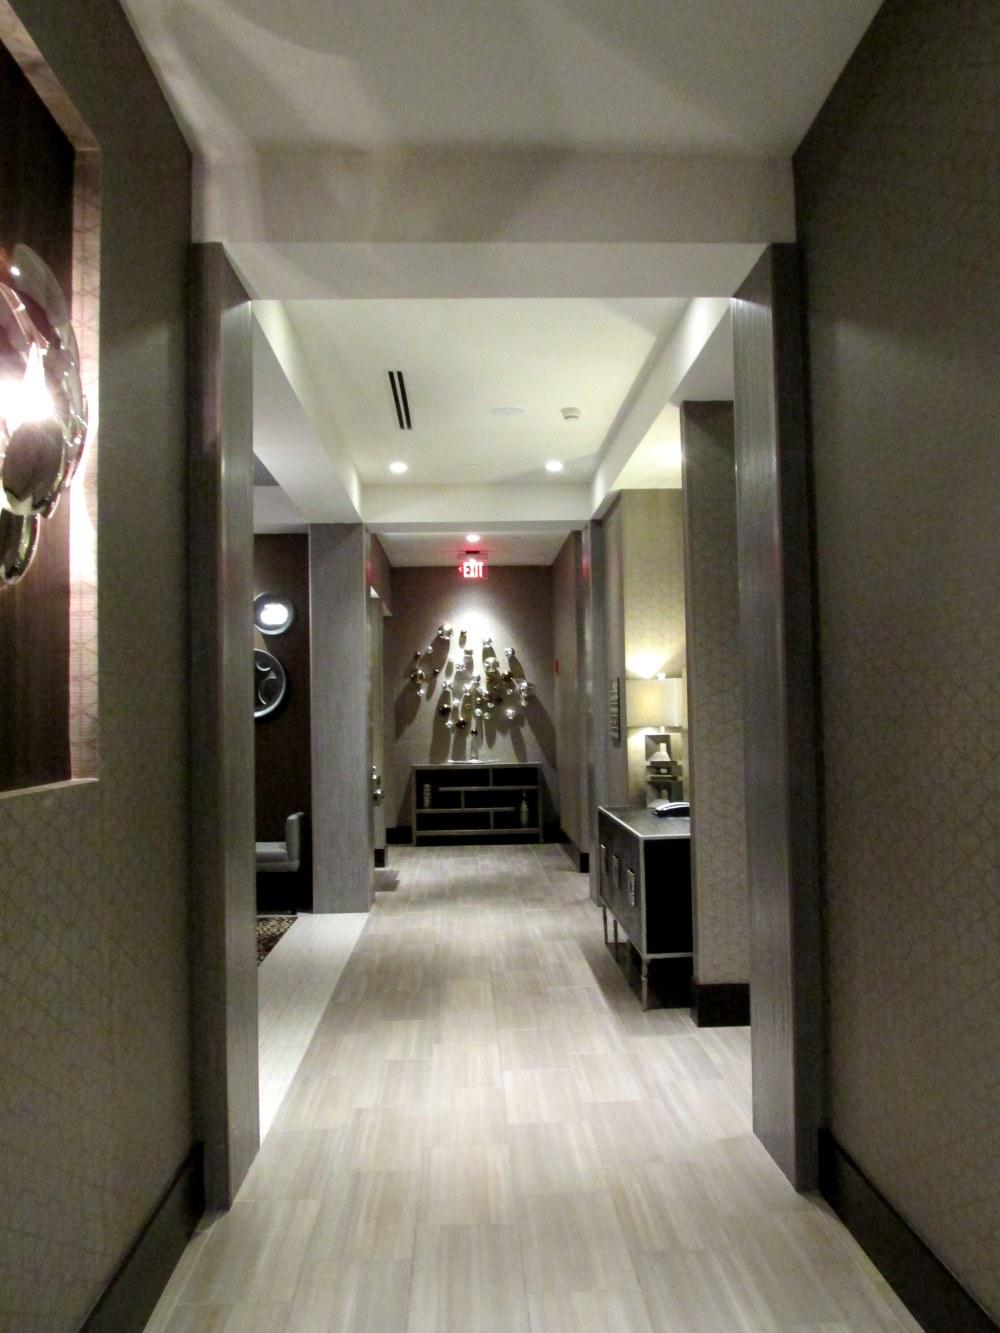 HamptonInn&SuitesHotelhallwayPortsmouthNH28Nov2014